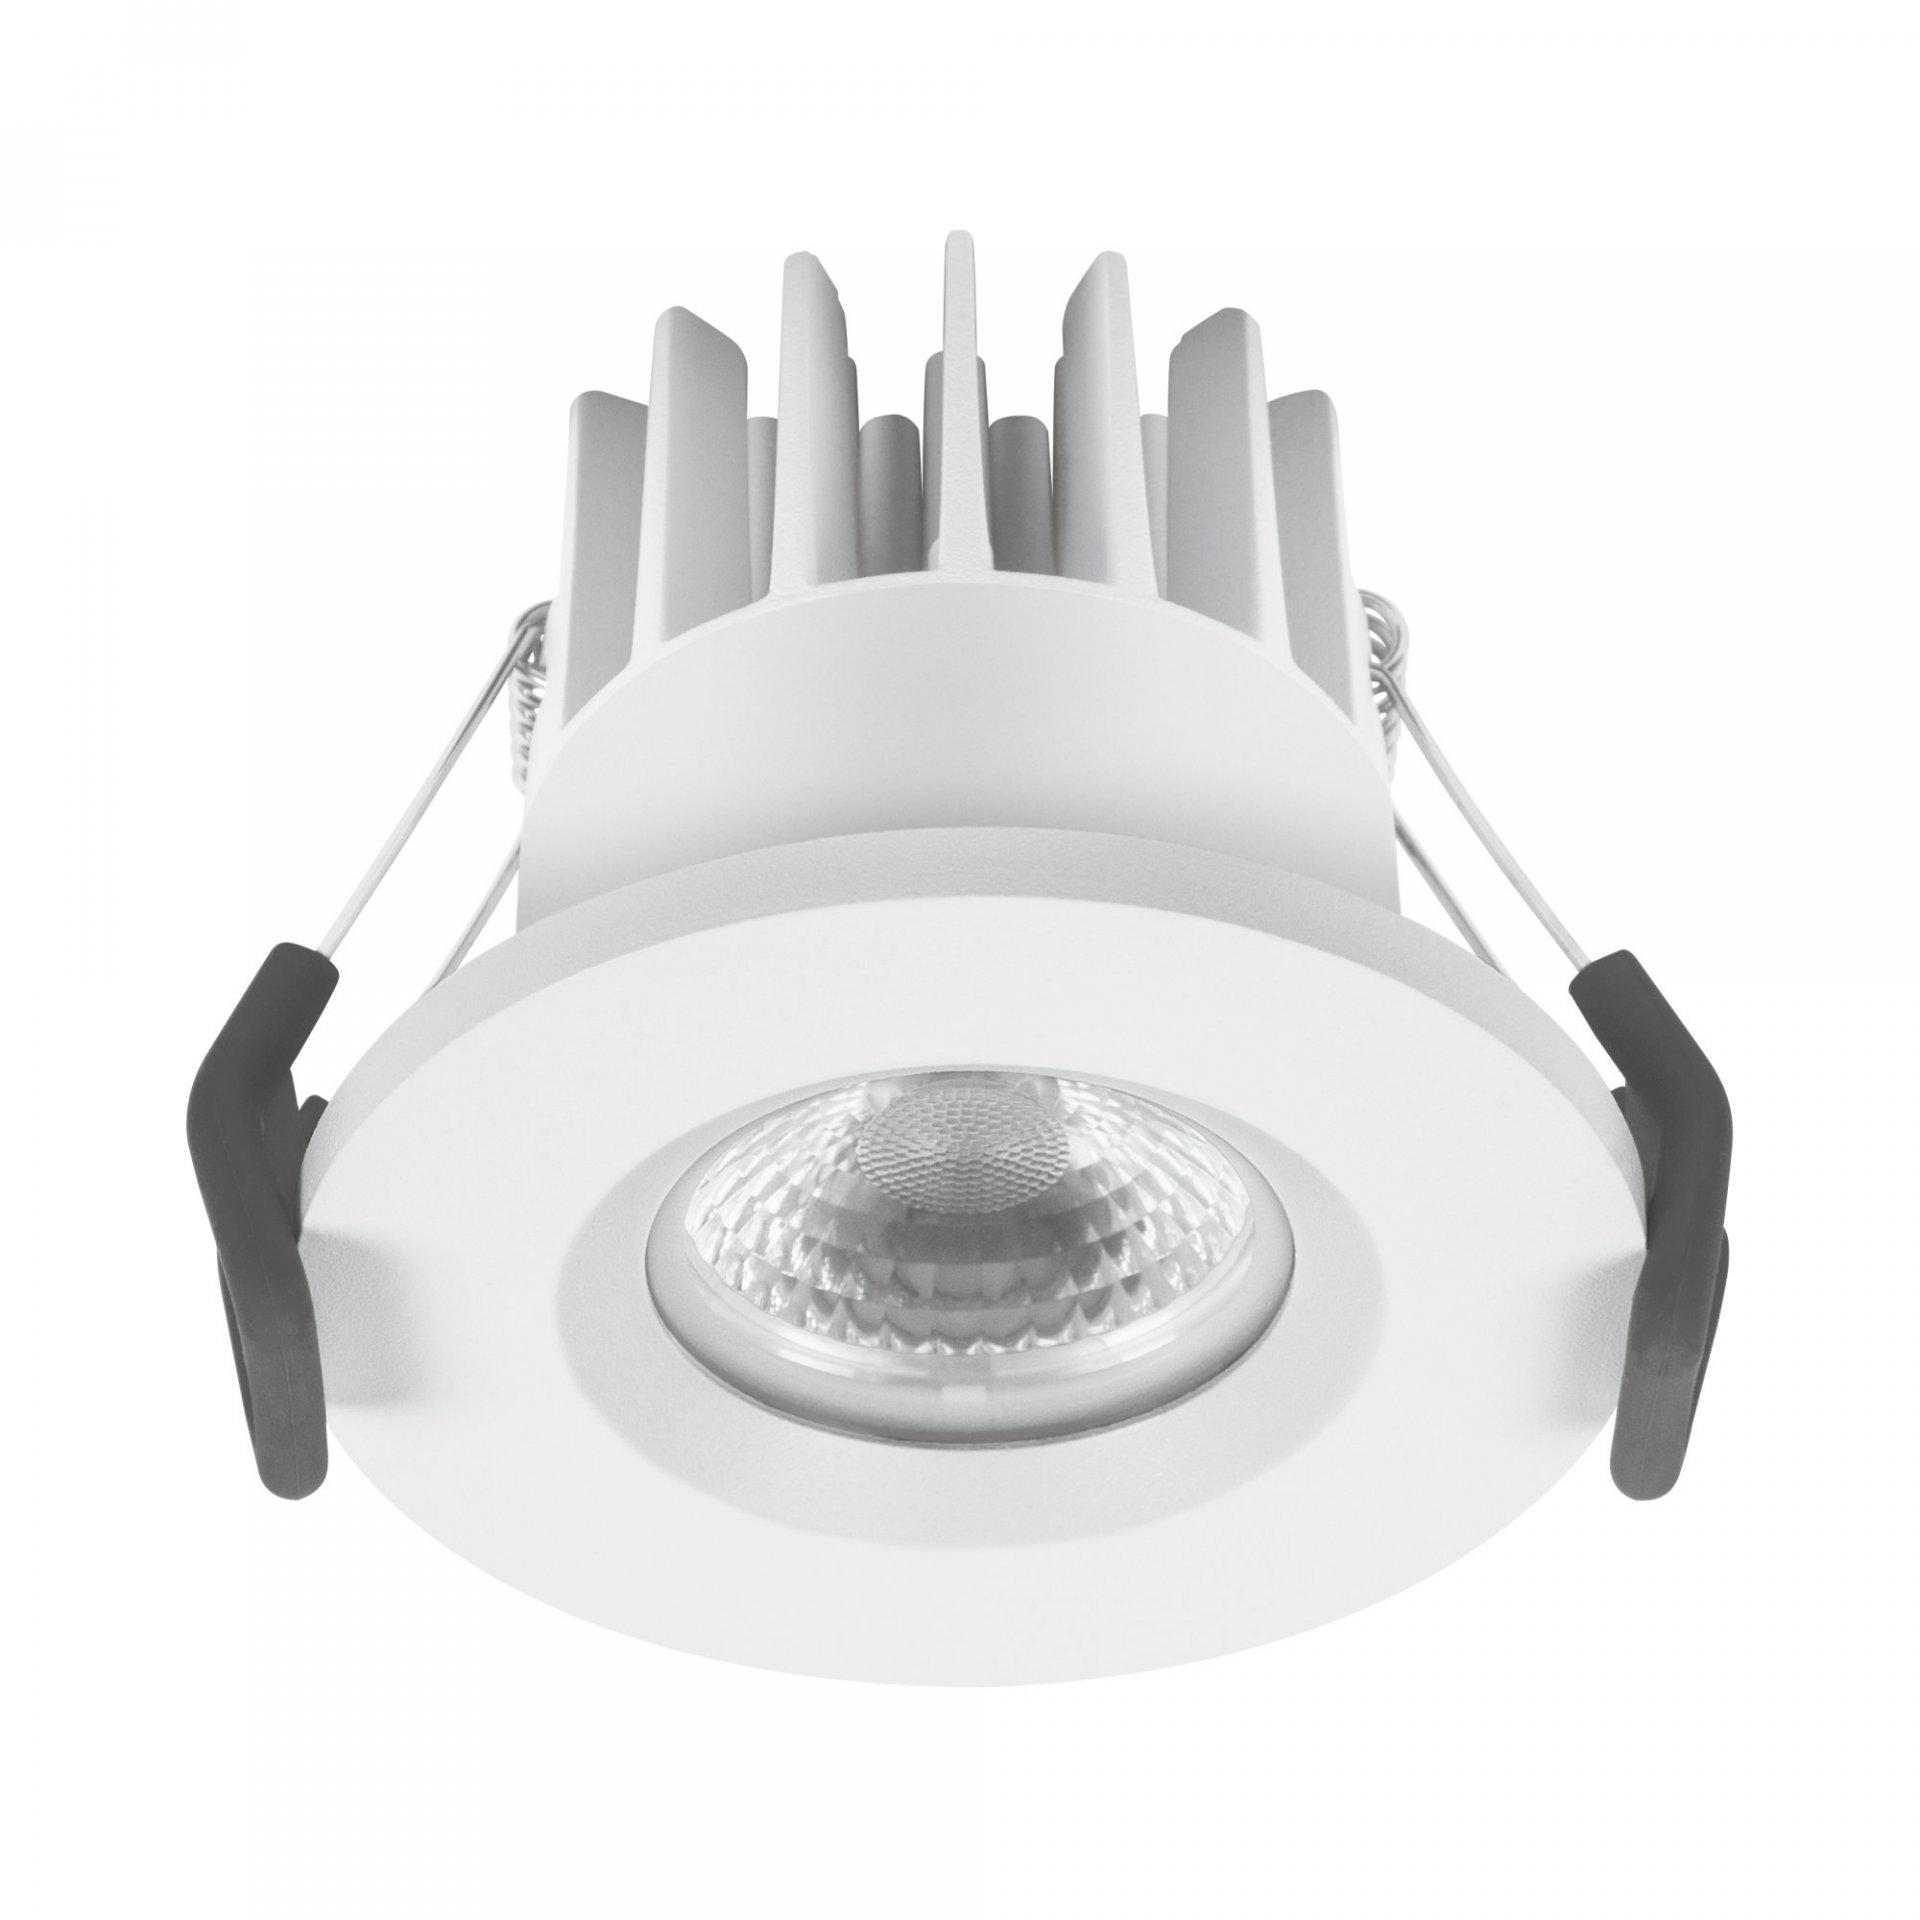 (340) SPOT LED 68 7W 3000K IP65 FP WT